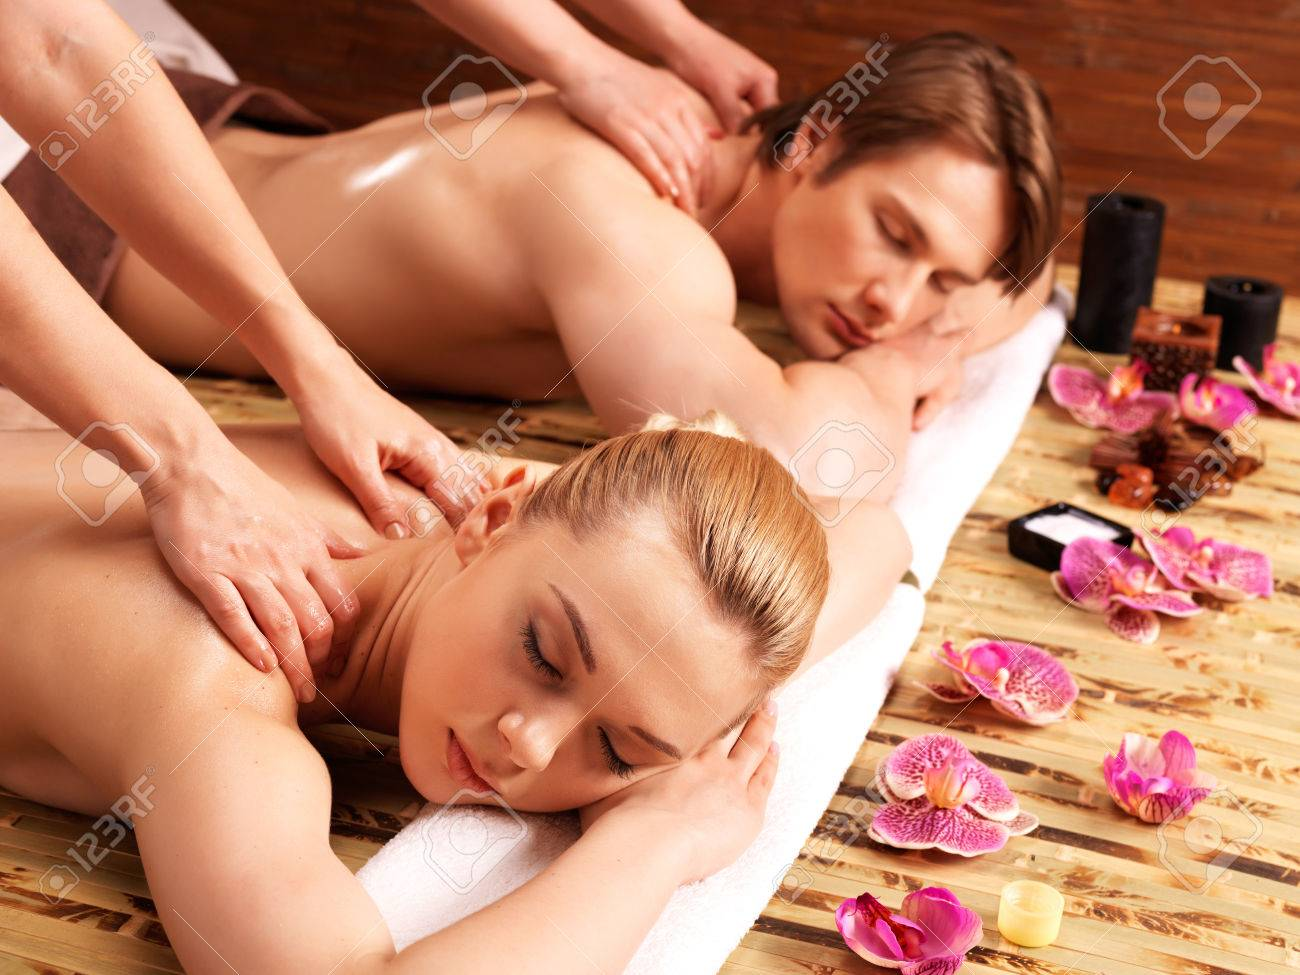 Attractive couple allongé dans un salon de spa bénéficiant d'un tissu profond massage du dos ensemble. Banque d'images - 46590774